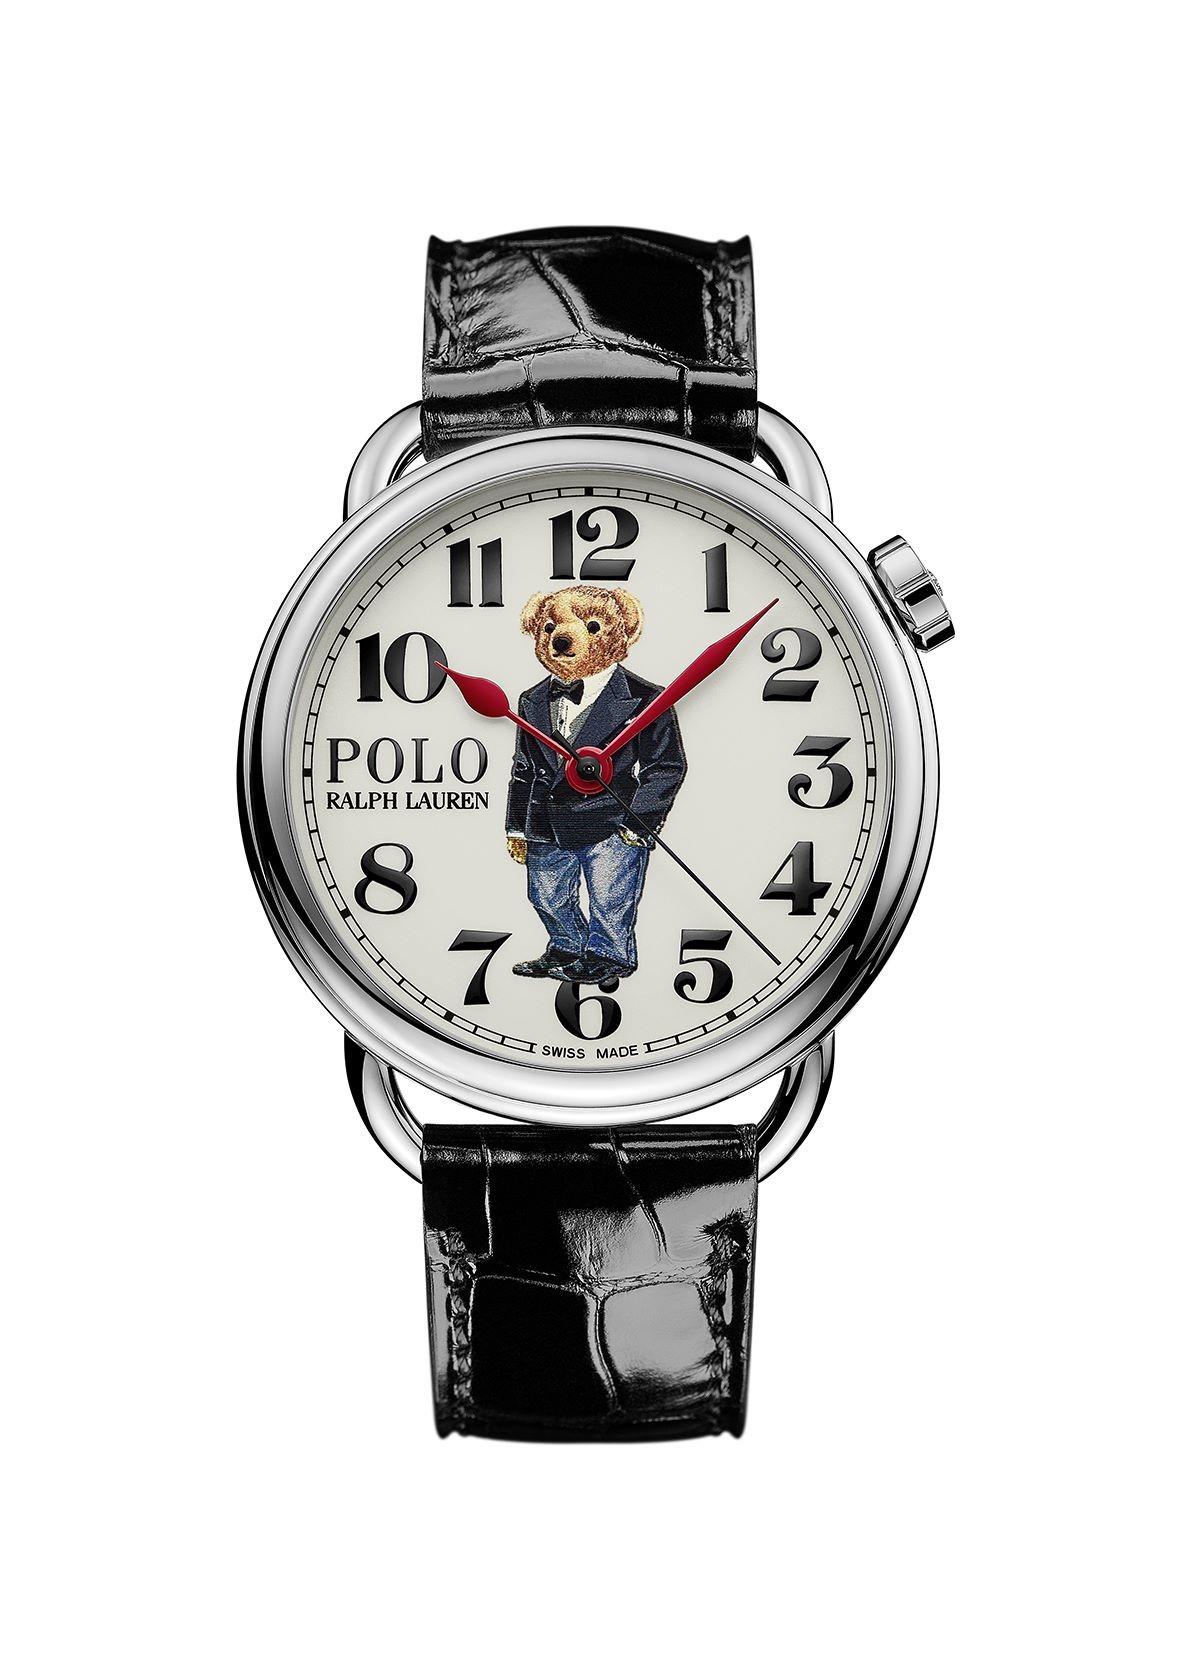 Foto de Polo Bear Watch Collection (6/6)